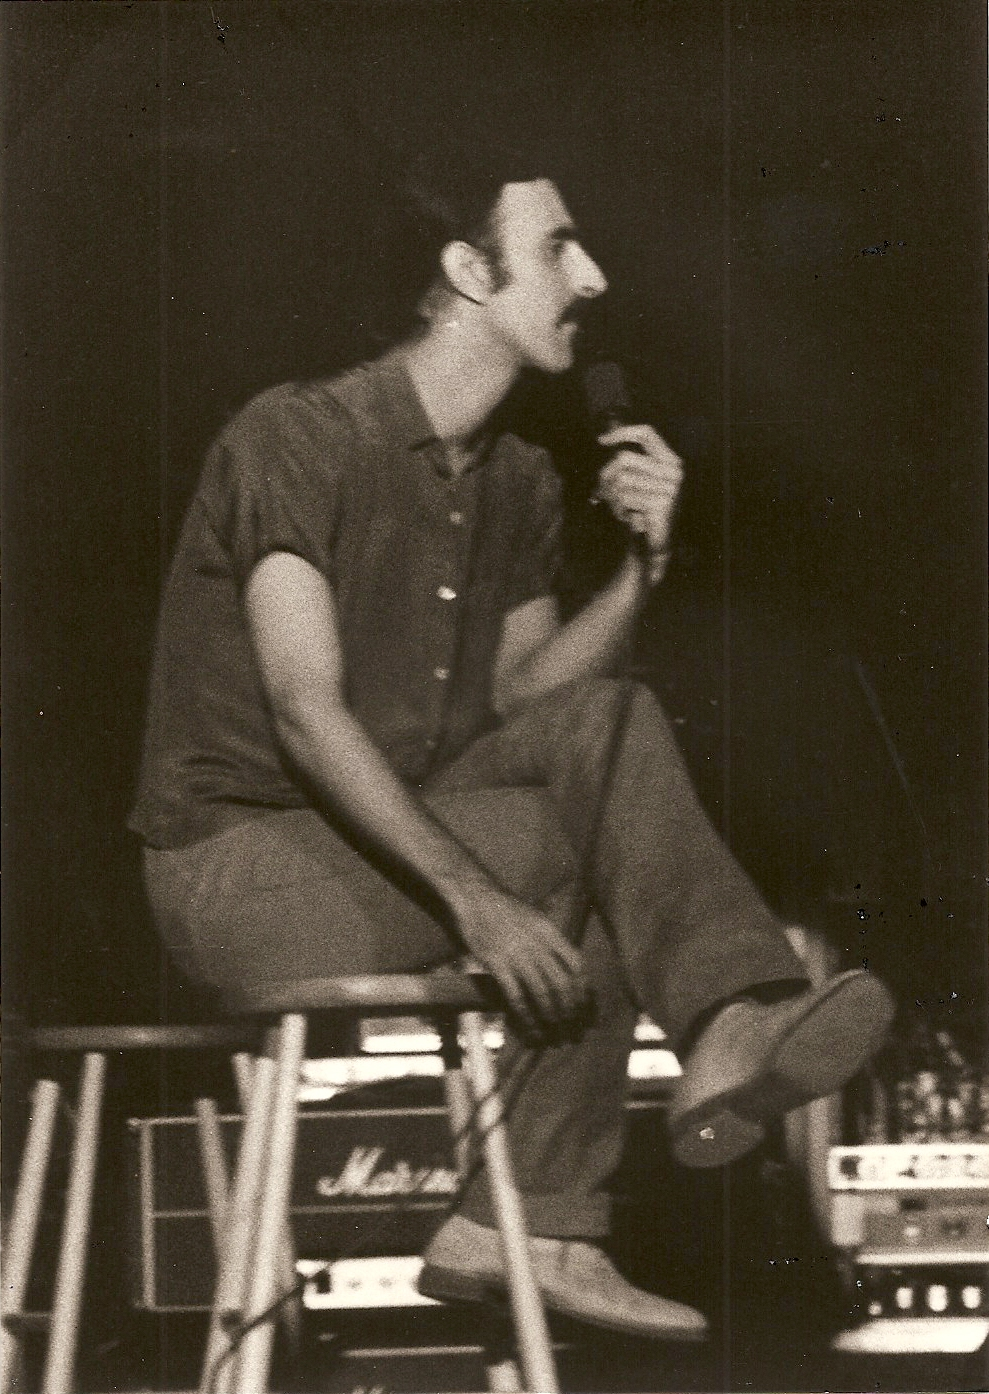 Frank Zappa - 1978 - Tournée Sheik Yerbouti